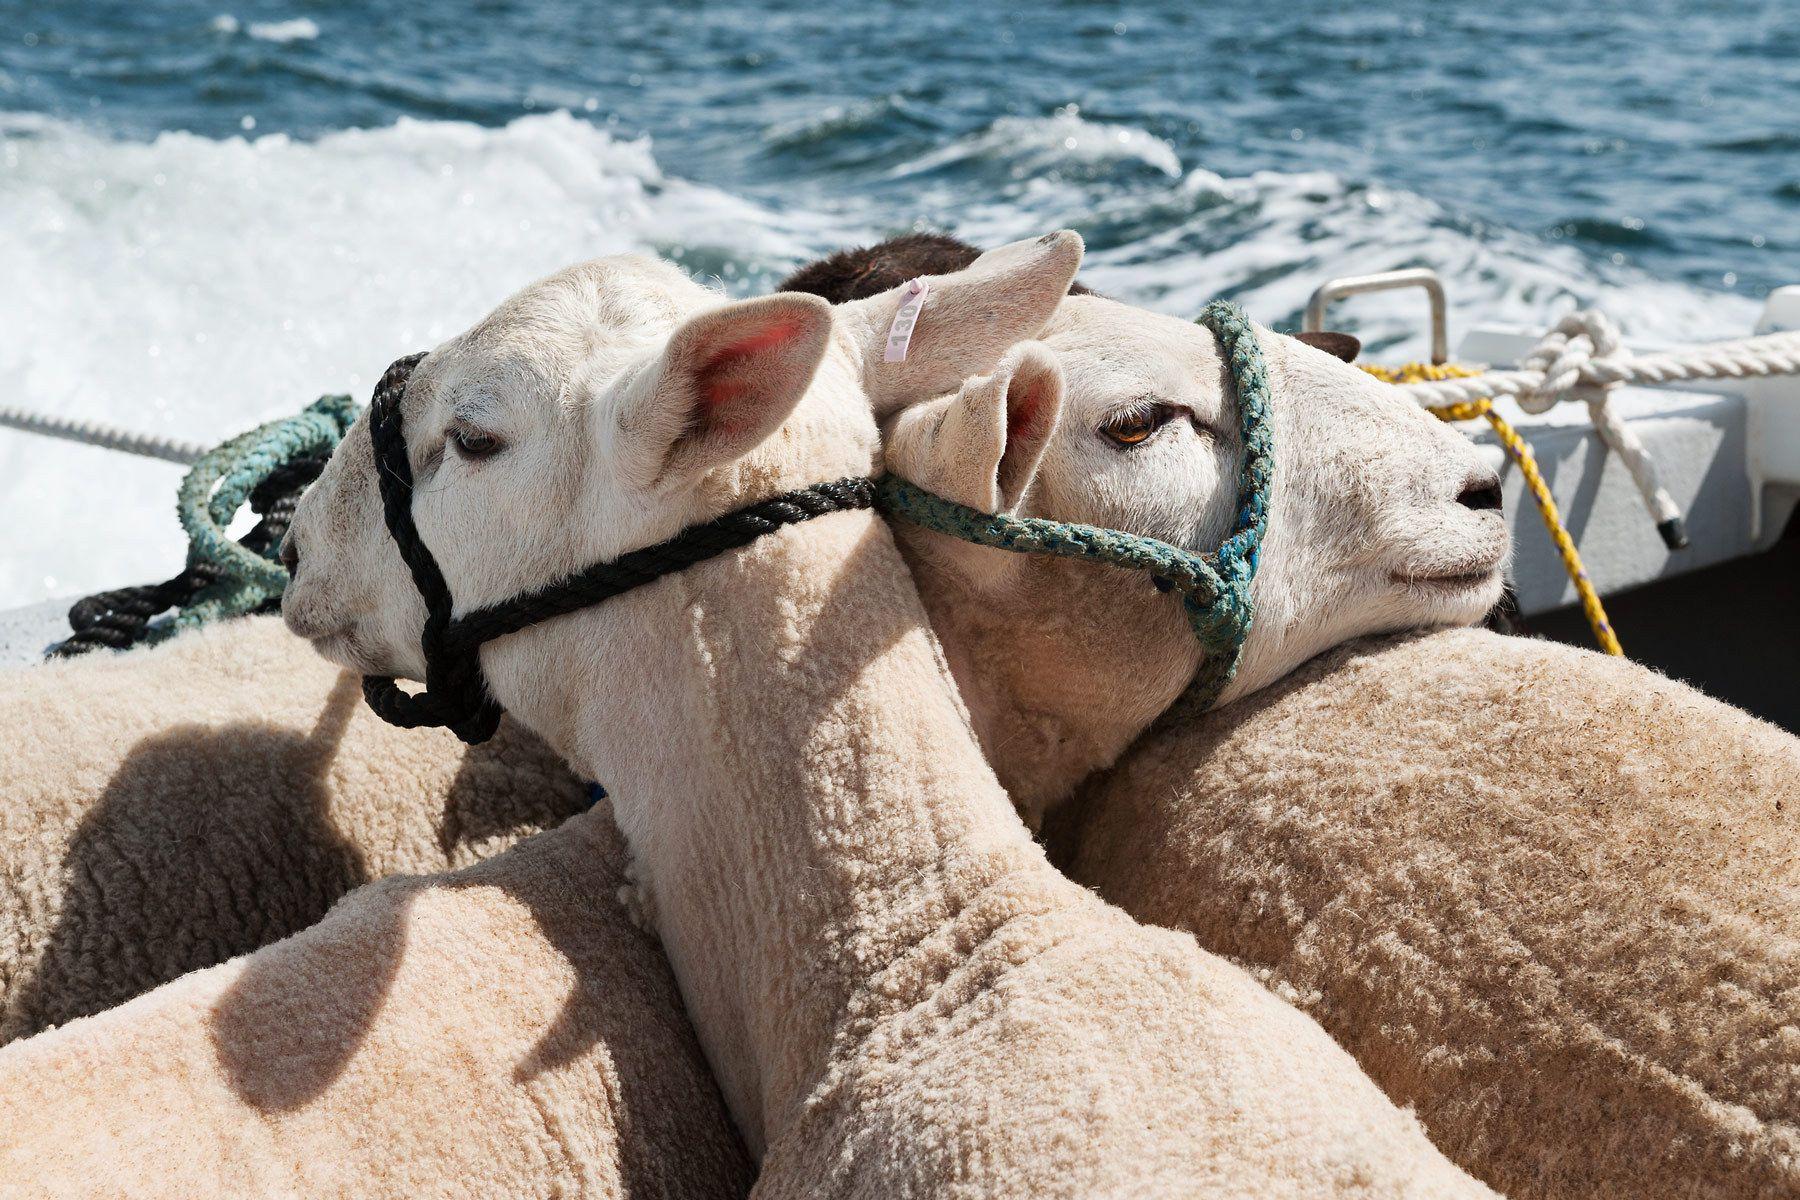 1islandsheep_sheepboat.jpg